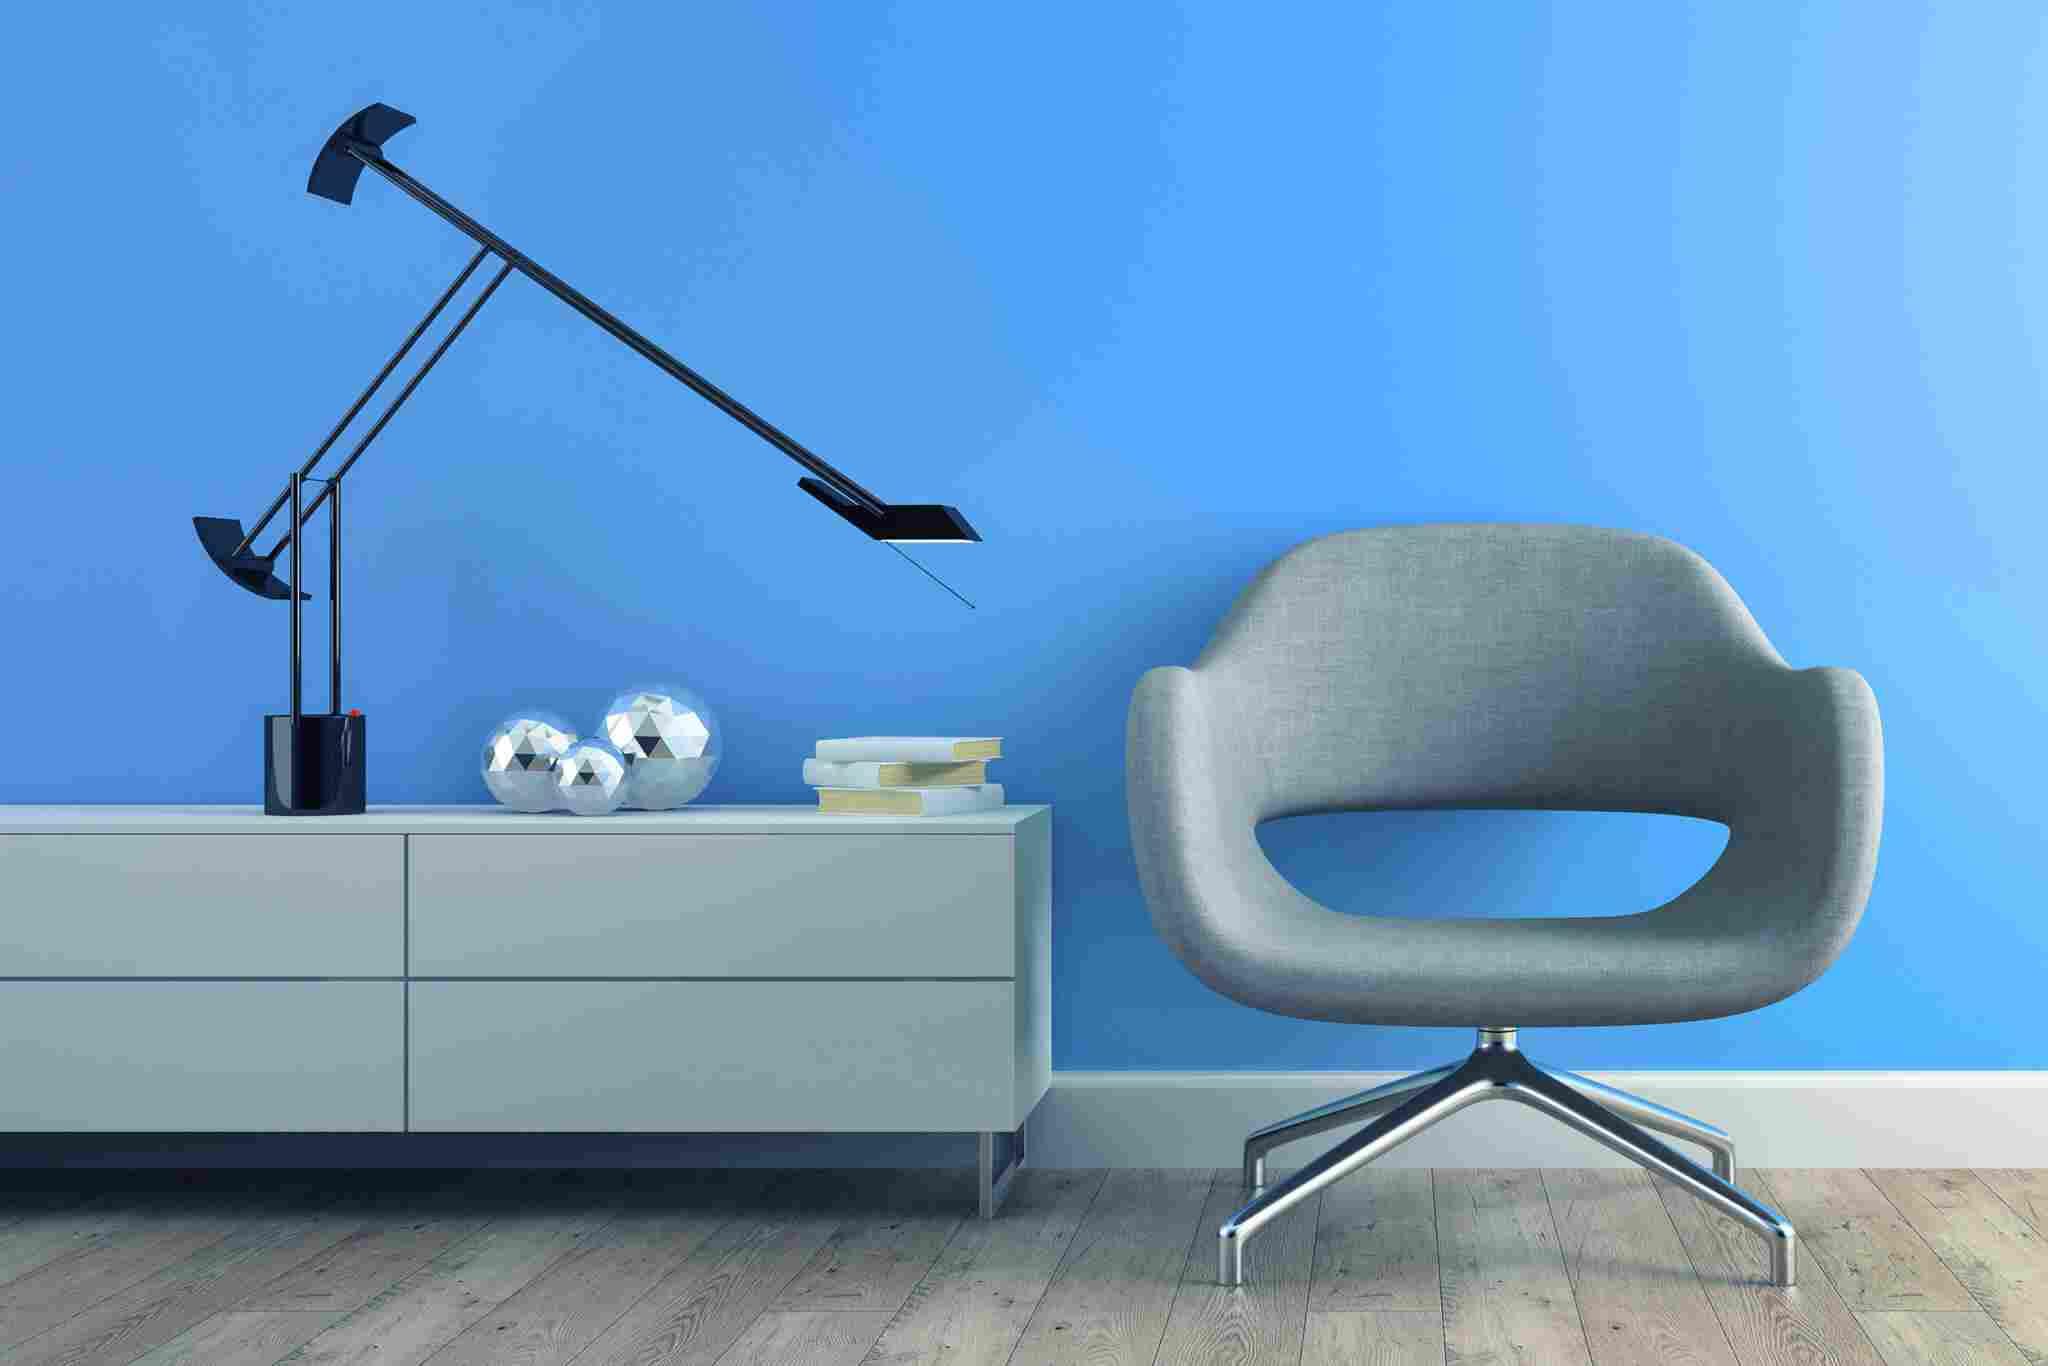 http://www.ankara-dekorasyon.com/wp-content/uploads/2017/05/image-chair-blue-wall.jpg